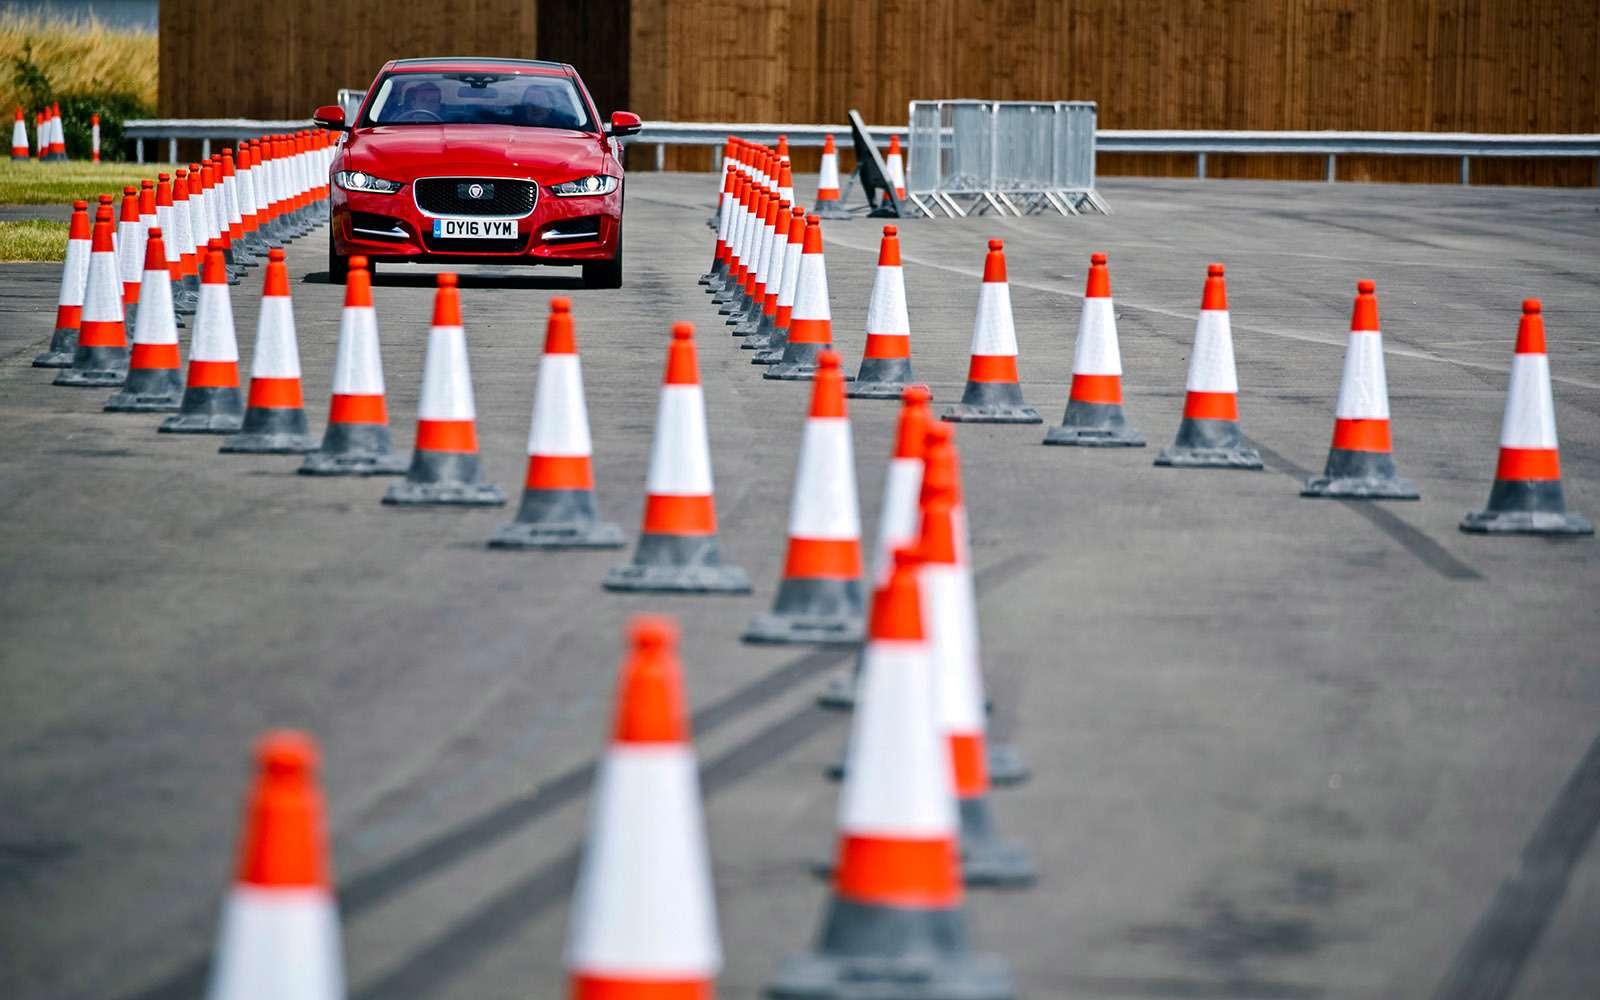 Перспективные технологии Jaguar Land Rover: длядорог инаправлений— фото 634881